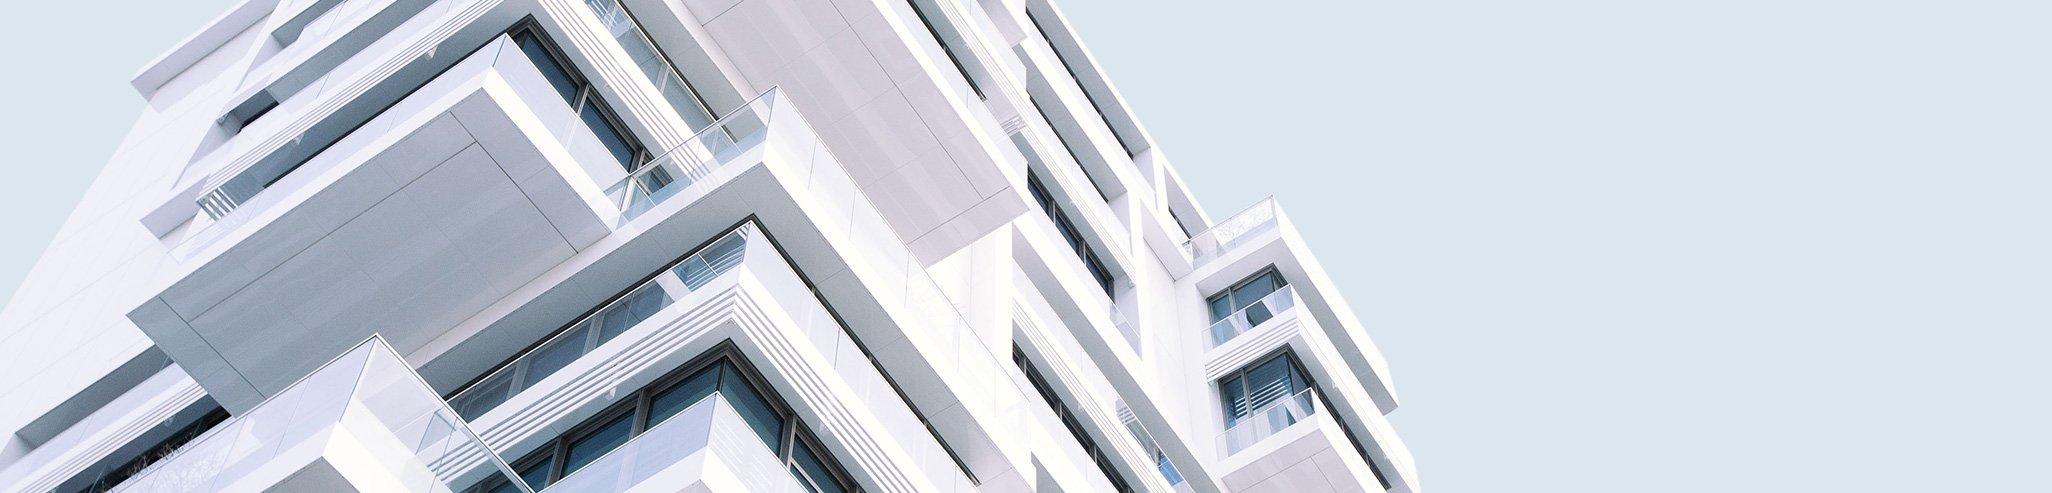 Compra y financiación de propiedades